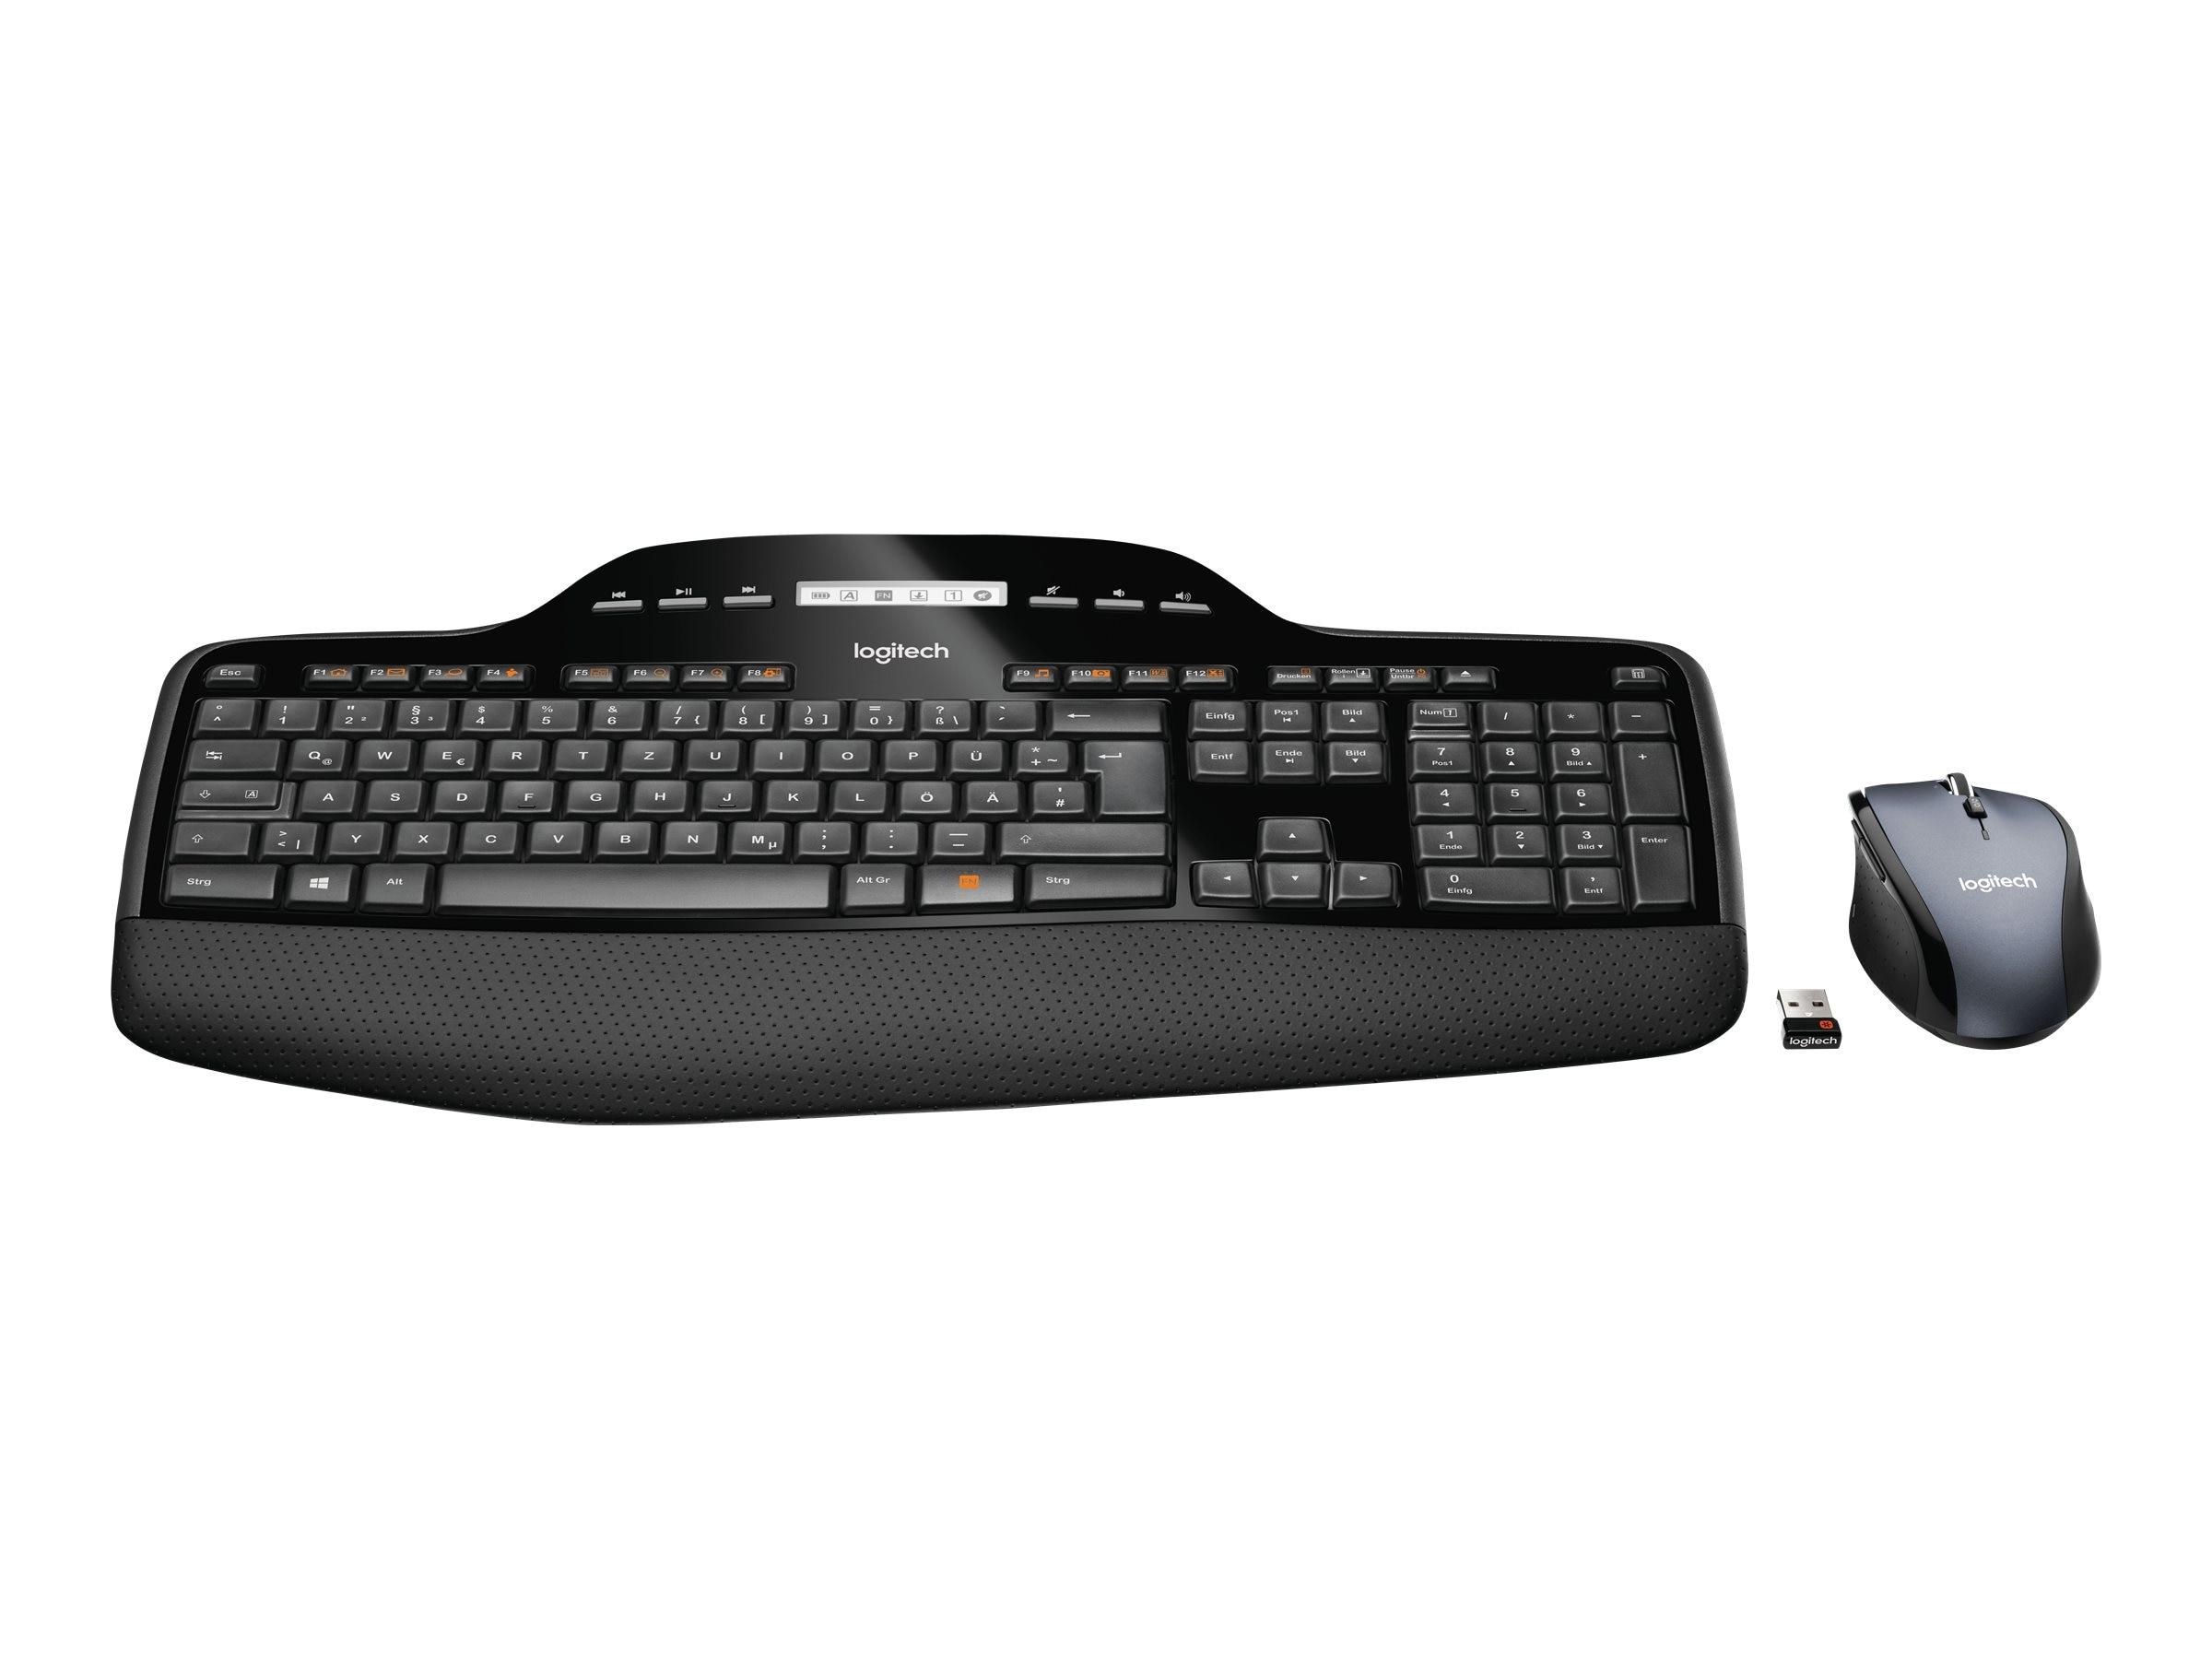 Logitech Wireless Desktop MK710, 920-002416, 11030310, Keyboard/Mouse Combinations